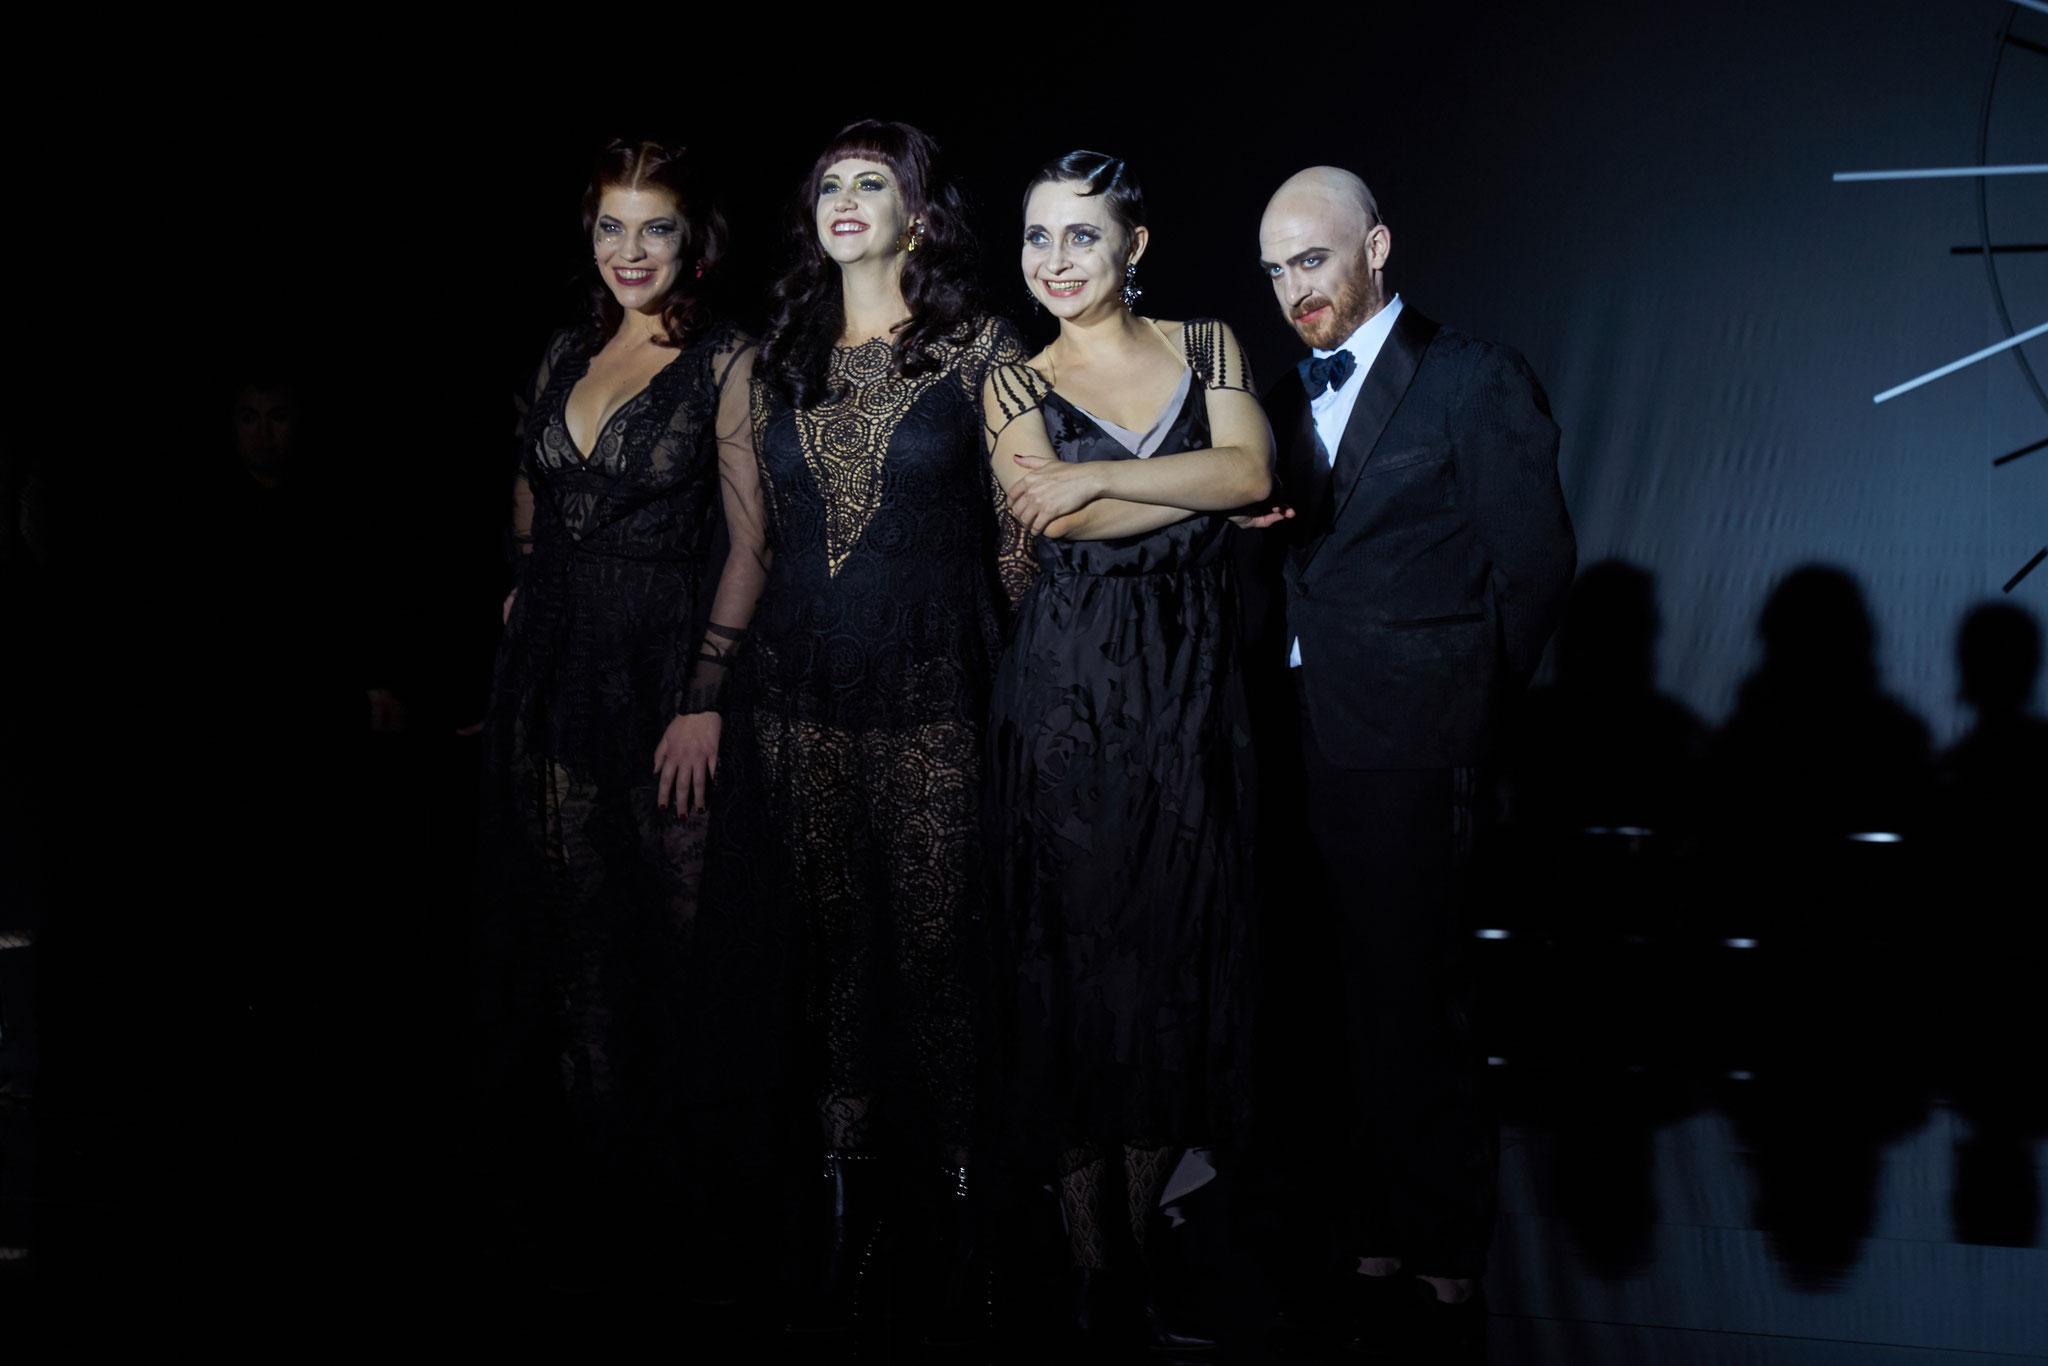 © Ingo Höhn, Manon LT Luzern 2017 mit Sarah Alexandra Hudarew und Rebecca Krynski Cox sowie Jason Cox